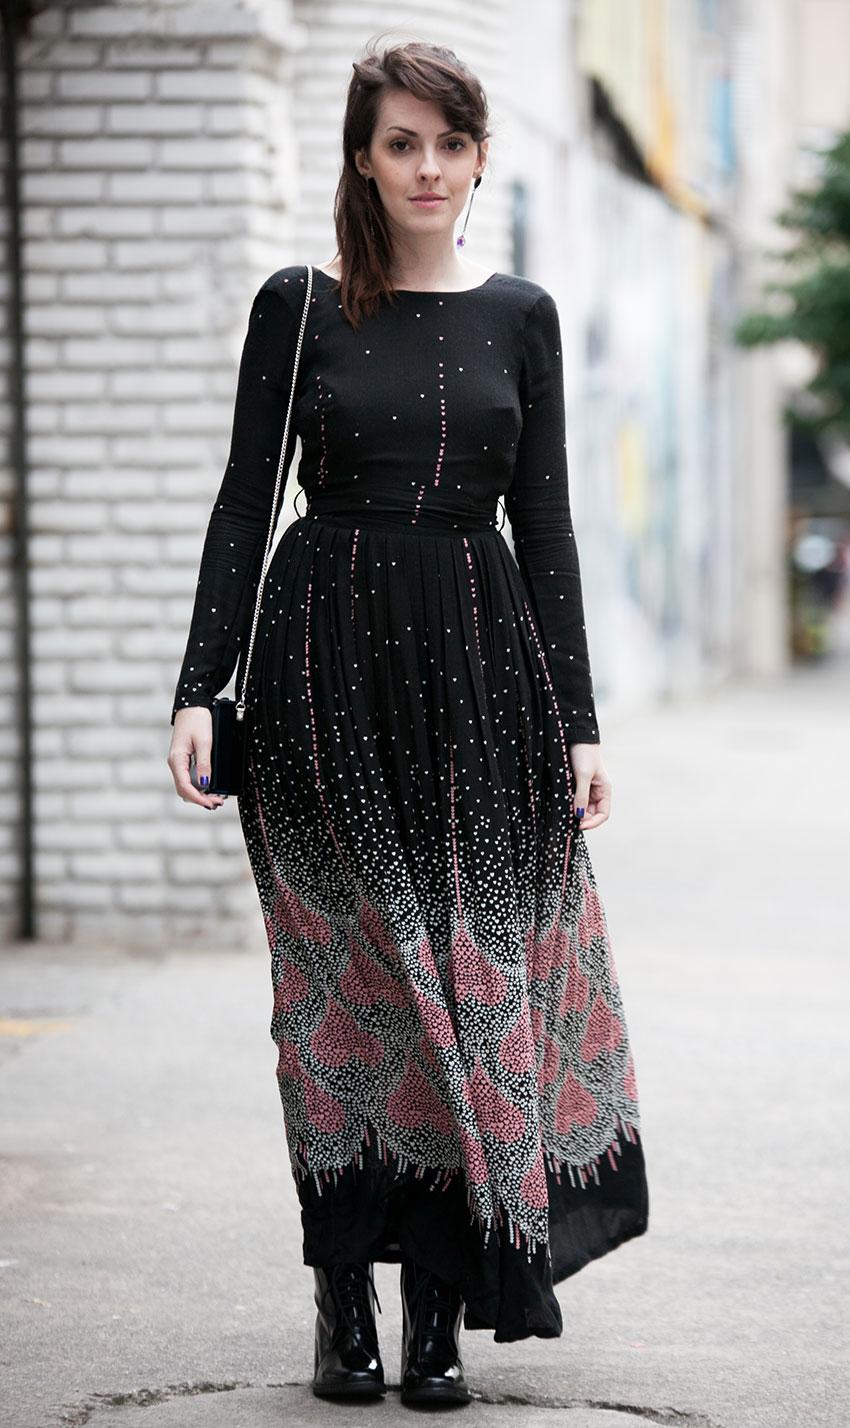 look-vestido-longo-inverno-antix1480